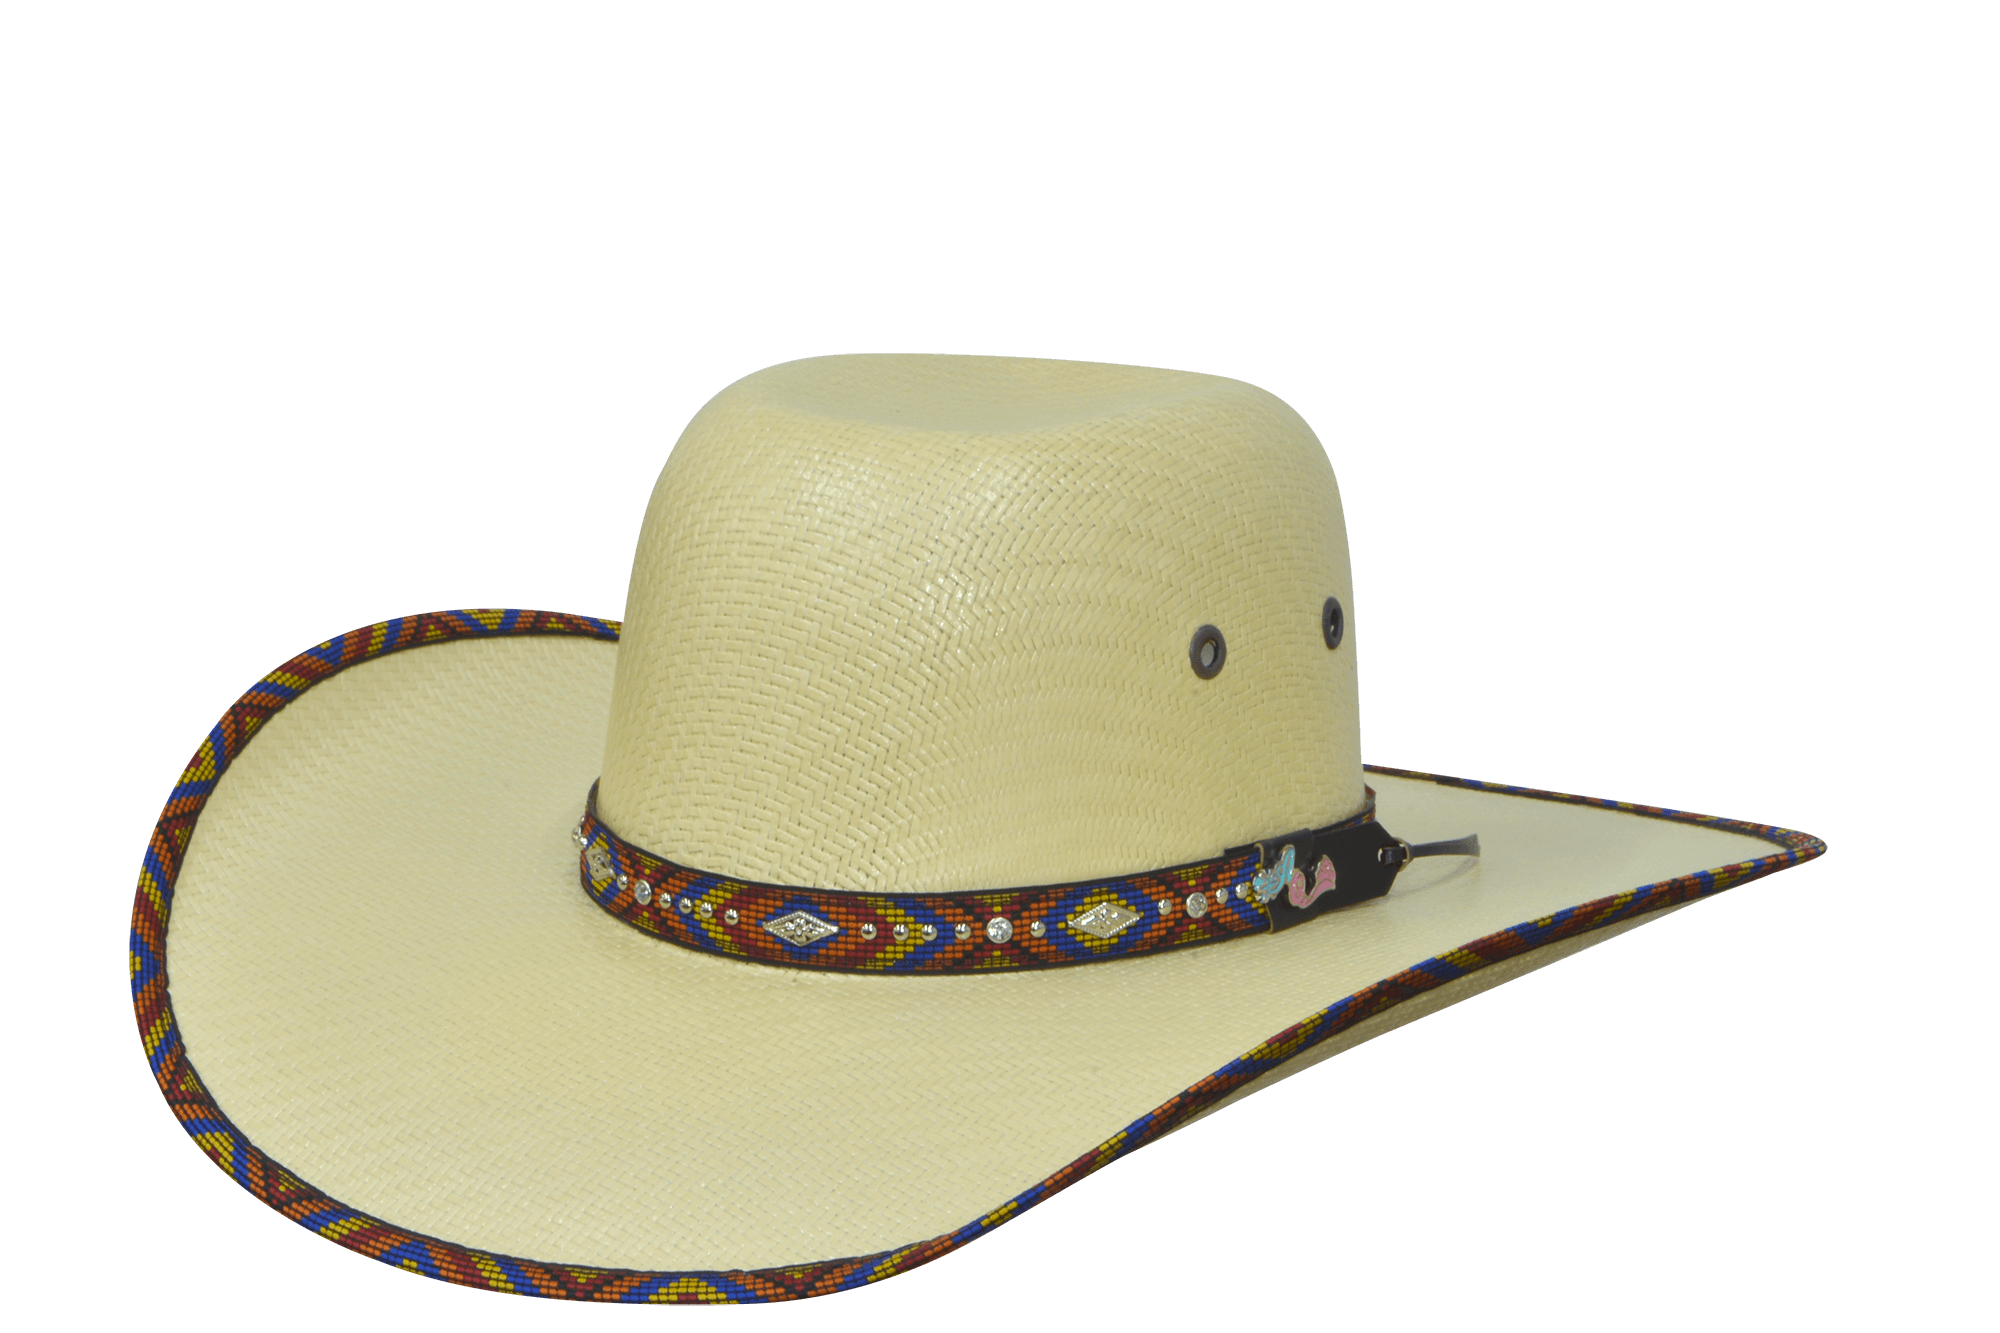 Tombstone sombreros vaqueros sombreros vaqueros hechos de manera png  2000x1333 Sombreros vaqueros esttilo sinaloa 5f69501f3bb